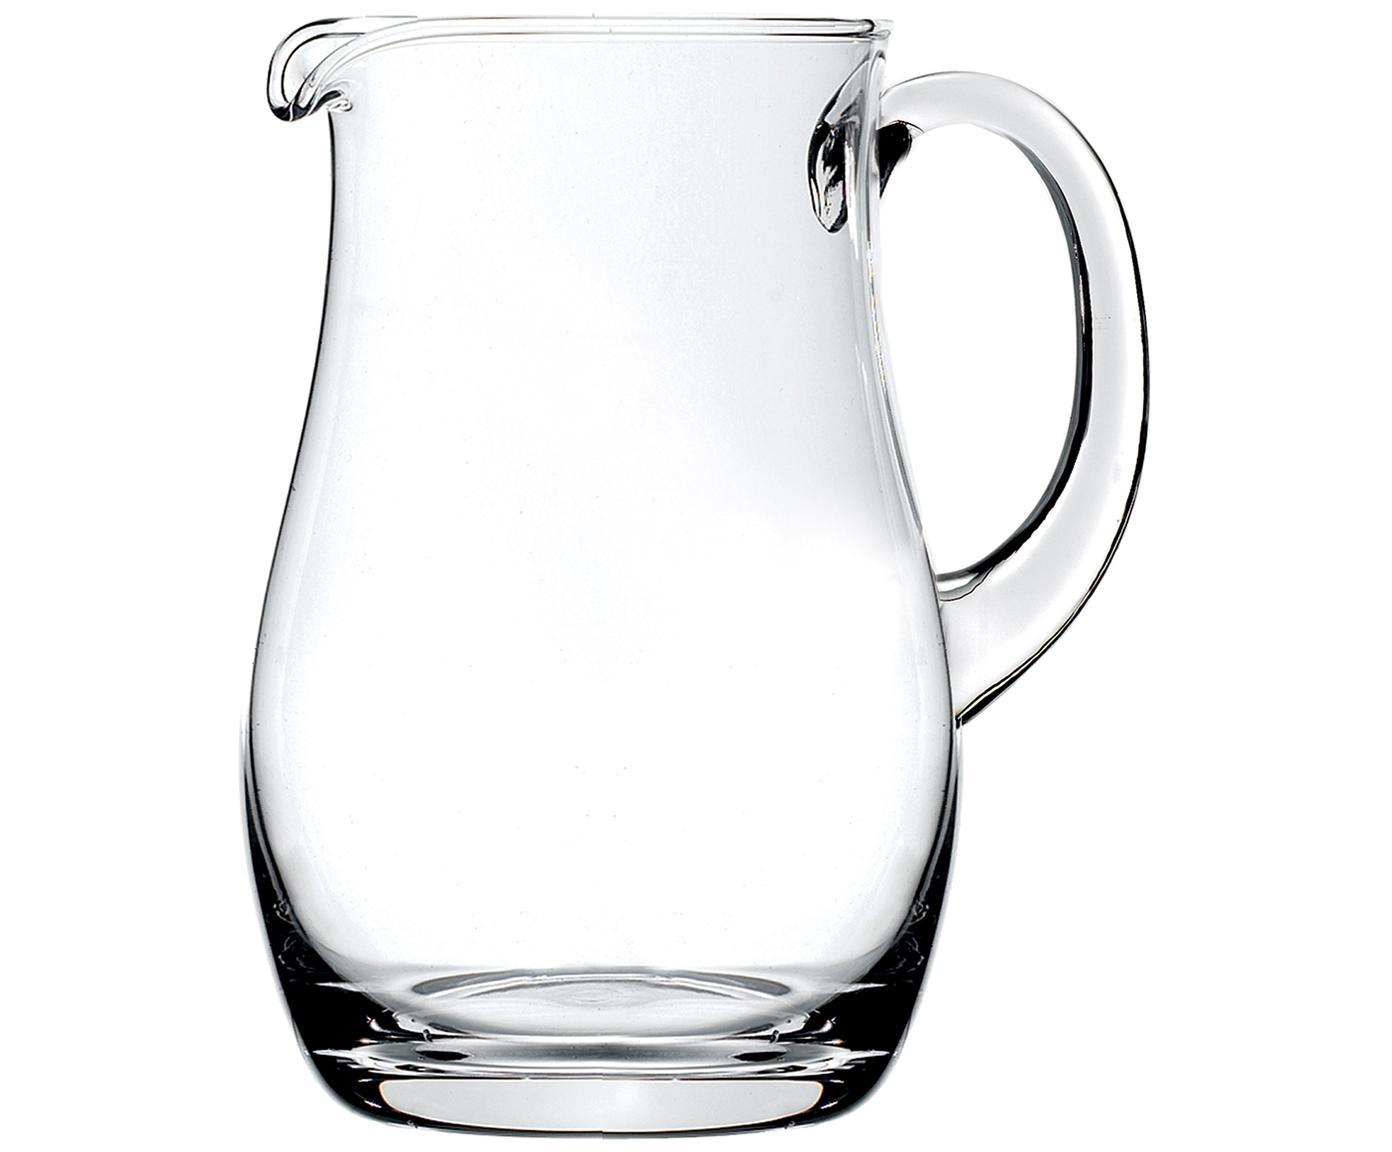 Dzbanek z kryształu Brocca, Szkło kryształowe, Transparentny, 1,5 l